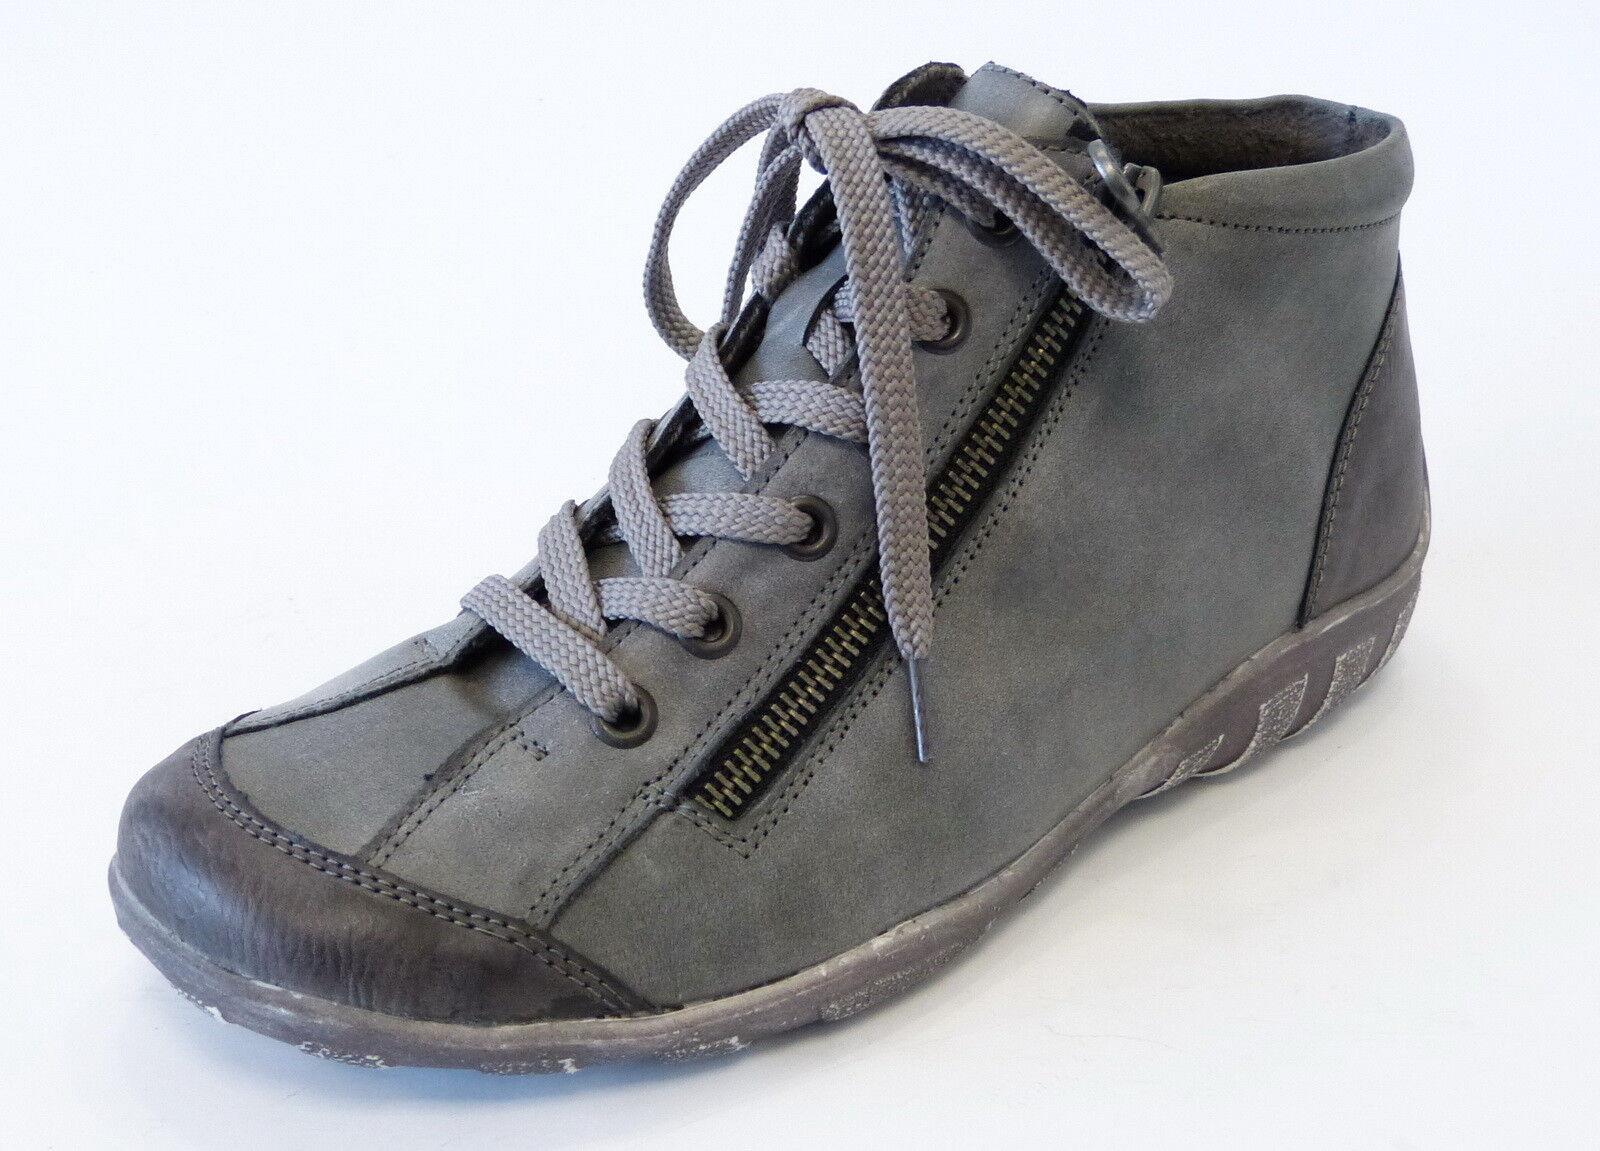 Remonte scarpe da ginnastica avvio r3475 01 01 01 fumo grigio in Pelle Larghezza G LAMPO LACCI | Qualità In Primo Luogo  | Scolaro/Ragazze Scarpa  0ca594